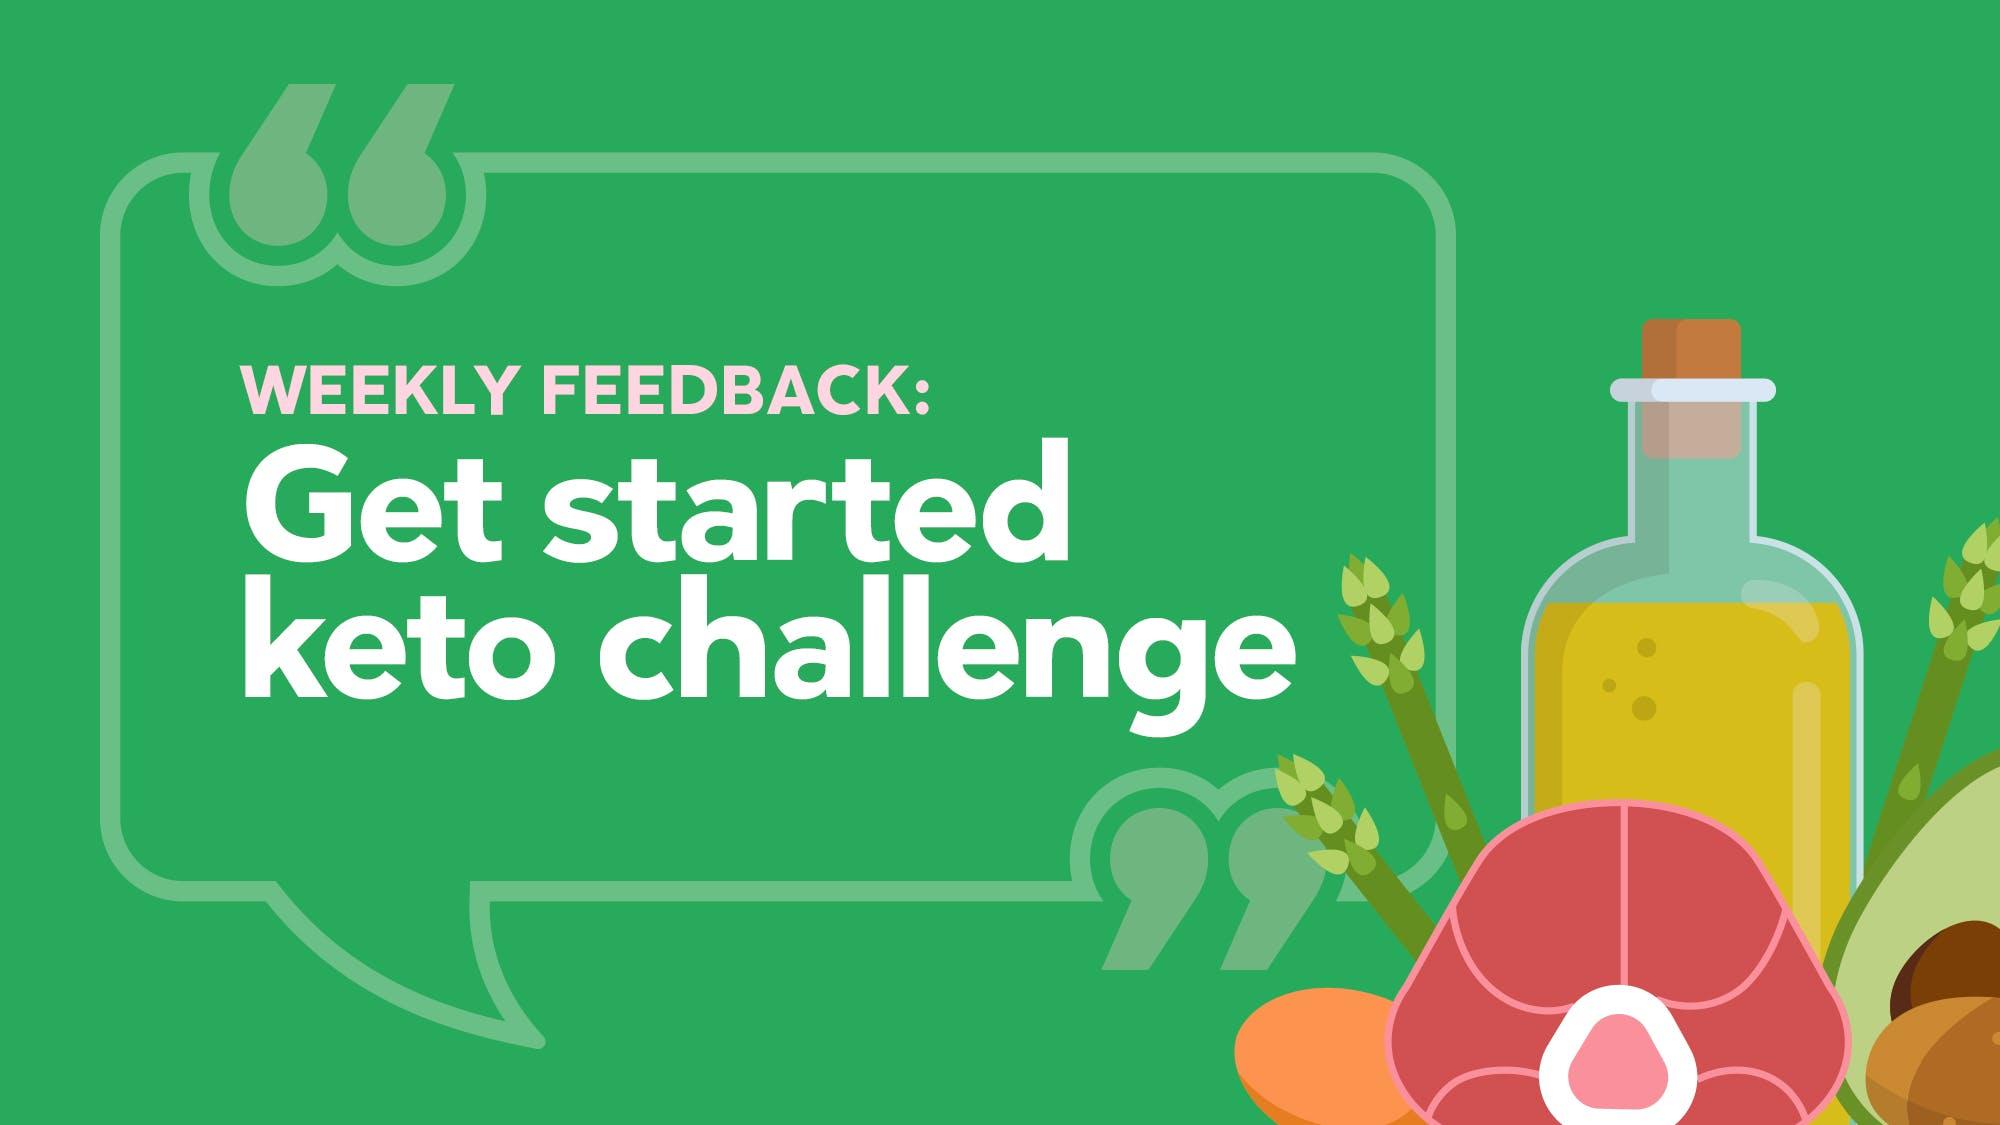 Weekly-feedback-16-9 &quot;class =&quot; taille-alignement complète wp-image-3469751 &quot;width =&quot; 800 &quot;height =&quot; 450 &quot;srcset =&quot; https://i.dietdoctor.com/wp-content/uploads/ 2019/01 / Weekly-feedback-16-9.jpg? Auto = compresser% 2Cformat &amp; w = 150 &amp; h = 84 &amp; fit = rogner 150w, https: //i.dietdoctor.com/wp-content/uploads/2019/01/Weekly-feedback -16-9.jpg? Auto = compresser% 2Cformat &amp; w = 200 &amp; h = 113 &amp; fit = rogner 200w, https: //i.dietdoctor.com/wp-content/uploads/2019/01/Weekly-feedback-16-9.jpg? auto = compresser% 2Cformat &amp; w = 267 &amp; h = 150 &amp; fit = rogner 267w, https: //i.dietdoctor.com/wp-content/uploads/2019/01/Weekly-feedback-16-9.jpg? auto = compresser% 2Cformat &amp; w = 400 &amp; h = 225 &amp; fit = crop 400w, https: //i.dietdoctor.com/wp-content/uploads/2019/01/Weekly-feedback-16-9.jpg? Auto = compresser% 2Cformat &amp; w = 800 &amp; h = 450 &amp; fit = recadrer 800w, https : //i.dietdoctor.com/wp-content/uploads/2019/01/Weekly-feedback-16-9.jpg? auto = compresser% 2Cformat &amp; w = 1600 &amp; h = 900 &amp; fit = rogner 1600w &quot;tailles =&quot; (largeur maximale: 769px) 100vw, (largeur minimale: 1200px) 800px, calc (100vw - 300px) &quot;/&gt;  <p>Plus de <strong><big>795 000</big></strong>    les gens se sont inscrits à notre défi gratuit céto à faible teneur en glucides, qui dure deux semaines. Vous bénéficierez de conseils, de plans de repas, de recettes, de listes de courses et de conseils de dépannage gratuits &#8211; tout ce dont vous avez besoin pour réussir votre régime céto.</p> <p>Voici de nouvelles histoires inspirantes de personnes qui ont relevé le défi:</p> <h3>Retour d&#39;information</h3> <blockquote> <p><strong>Salut les gars,</strong></p> <p>J&#39;ai complété le défi de deux semaines et je suis excité. </p> <p>En deux semaines, j&#39;ai perdu 4 kilos (9 livres). Mon poids de départ était de 91 kilos (200 livres), ma taille de 165 cm et mon âge de 32 ans. Après deux semai